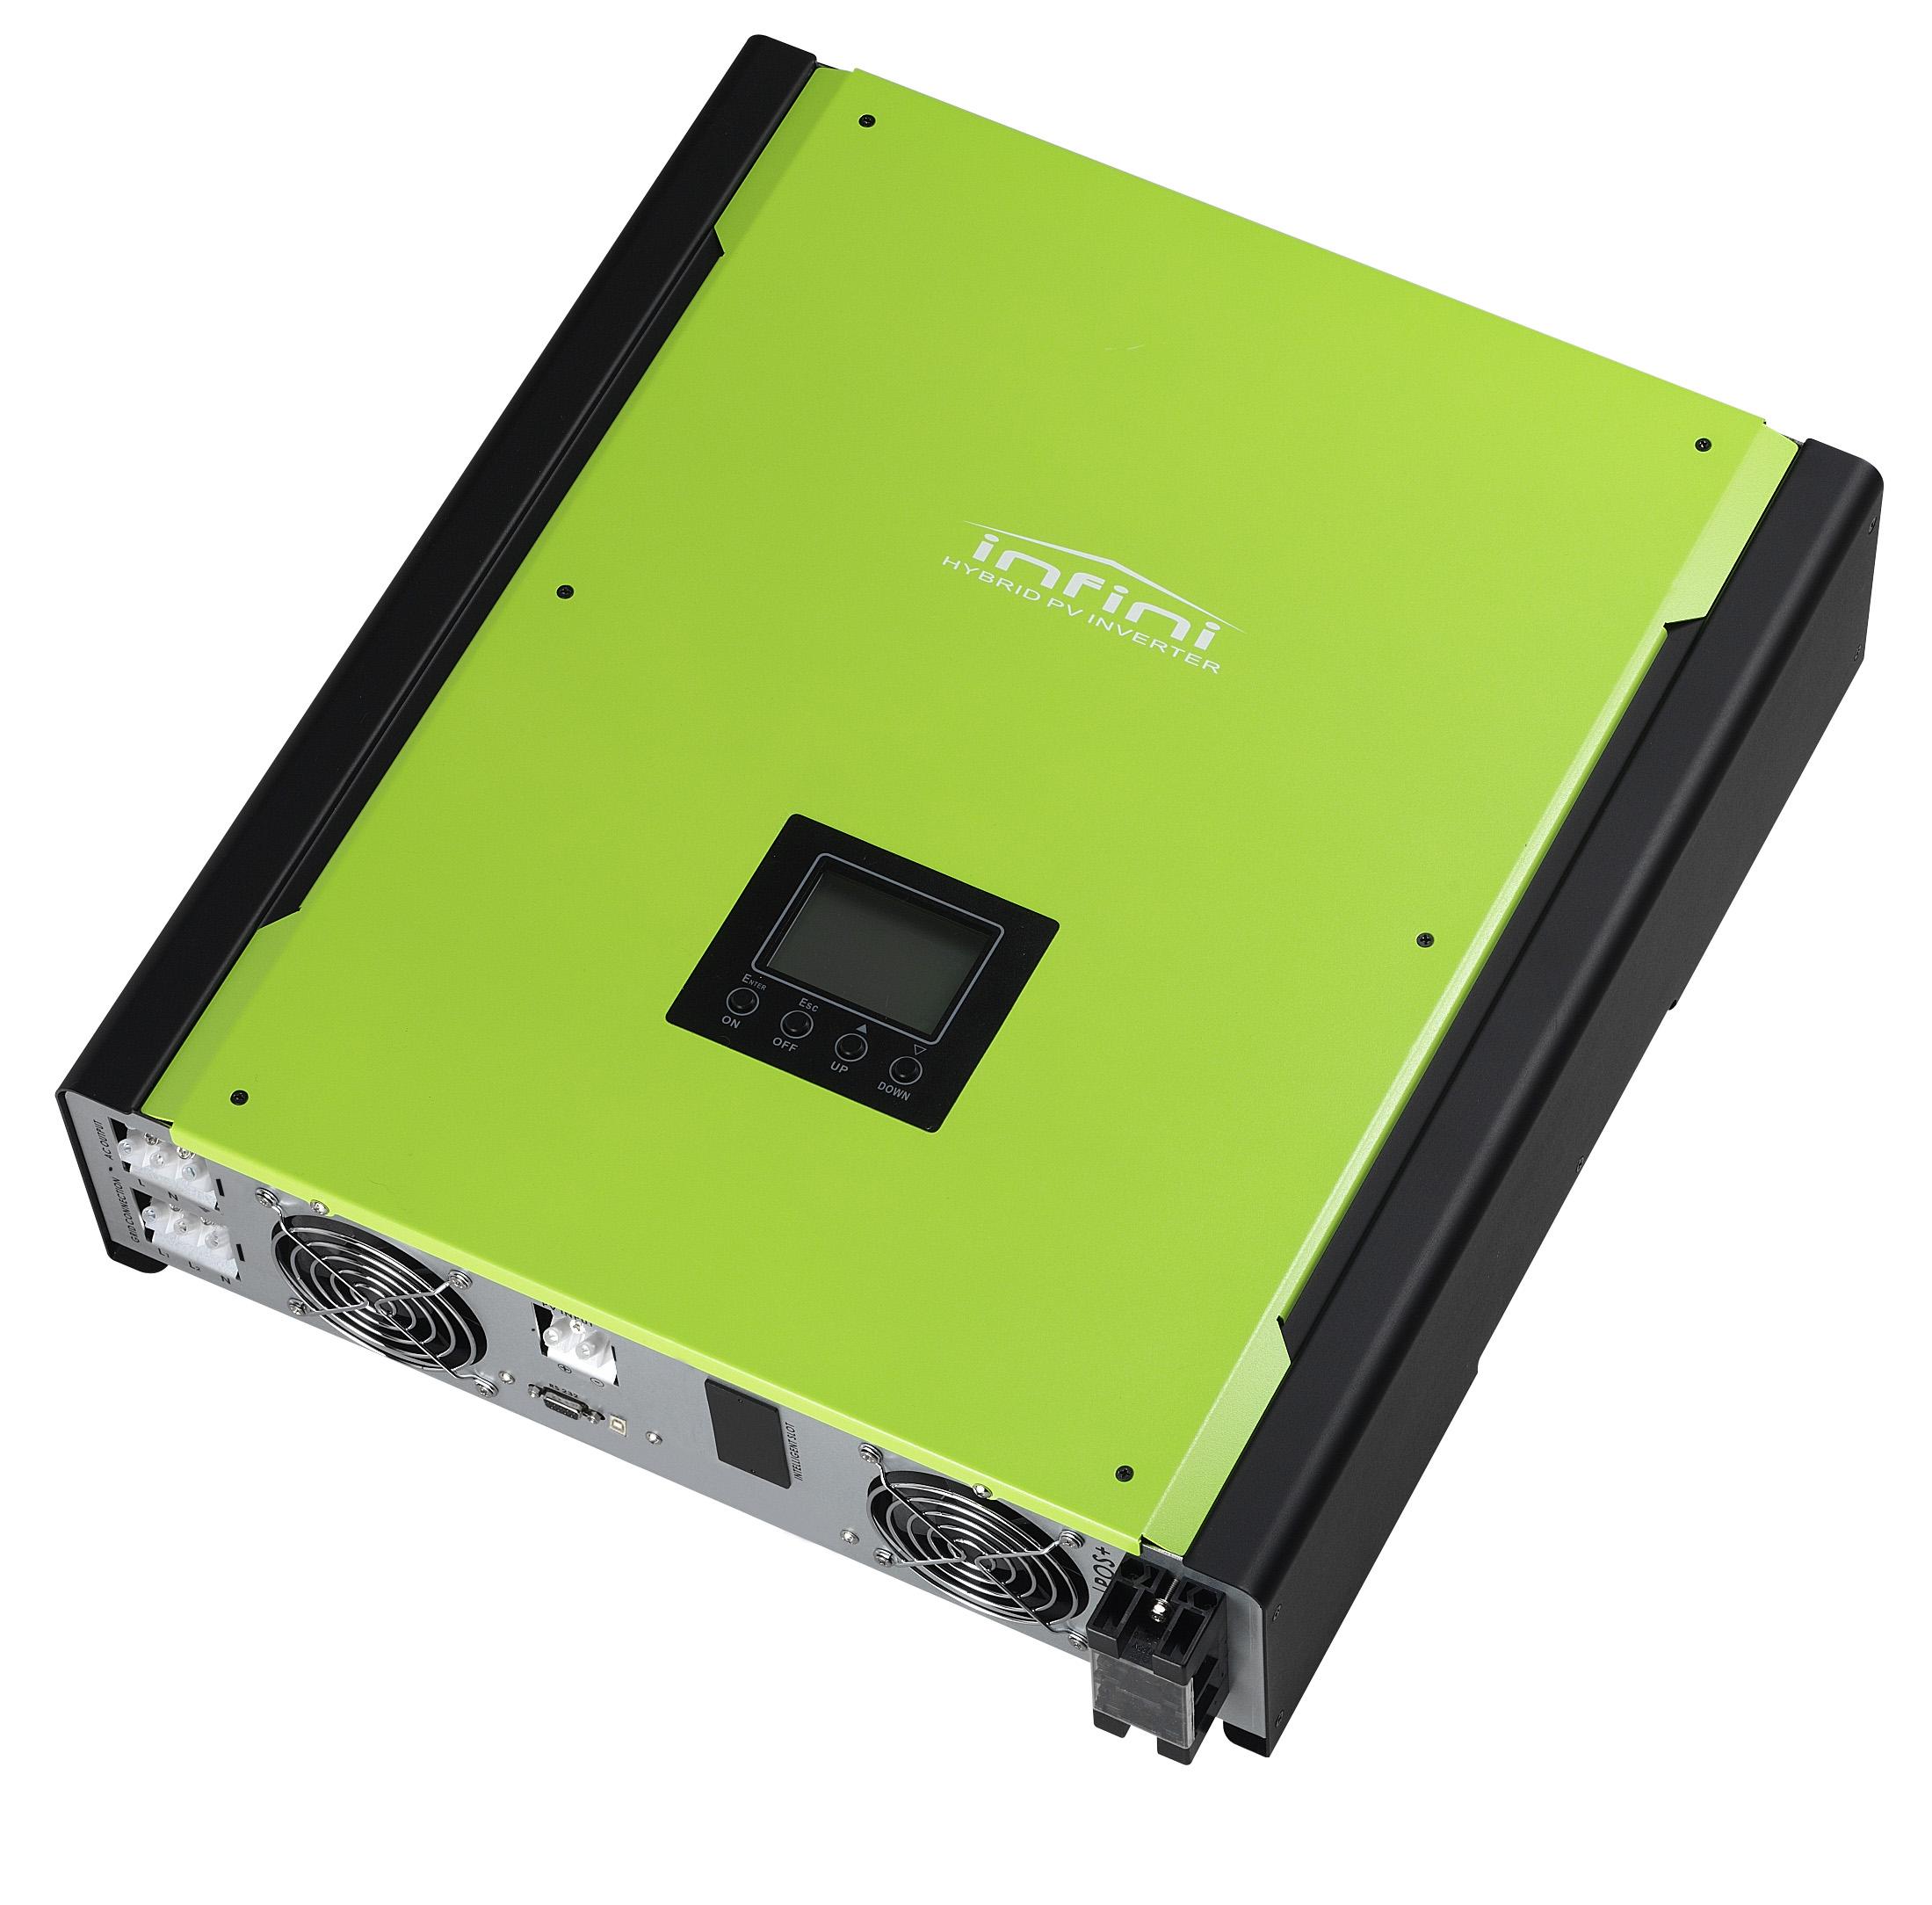 Omega 3, 5 and 10 KW On-grid Hybrid Solar Inverter